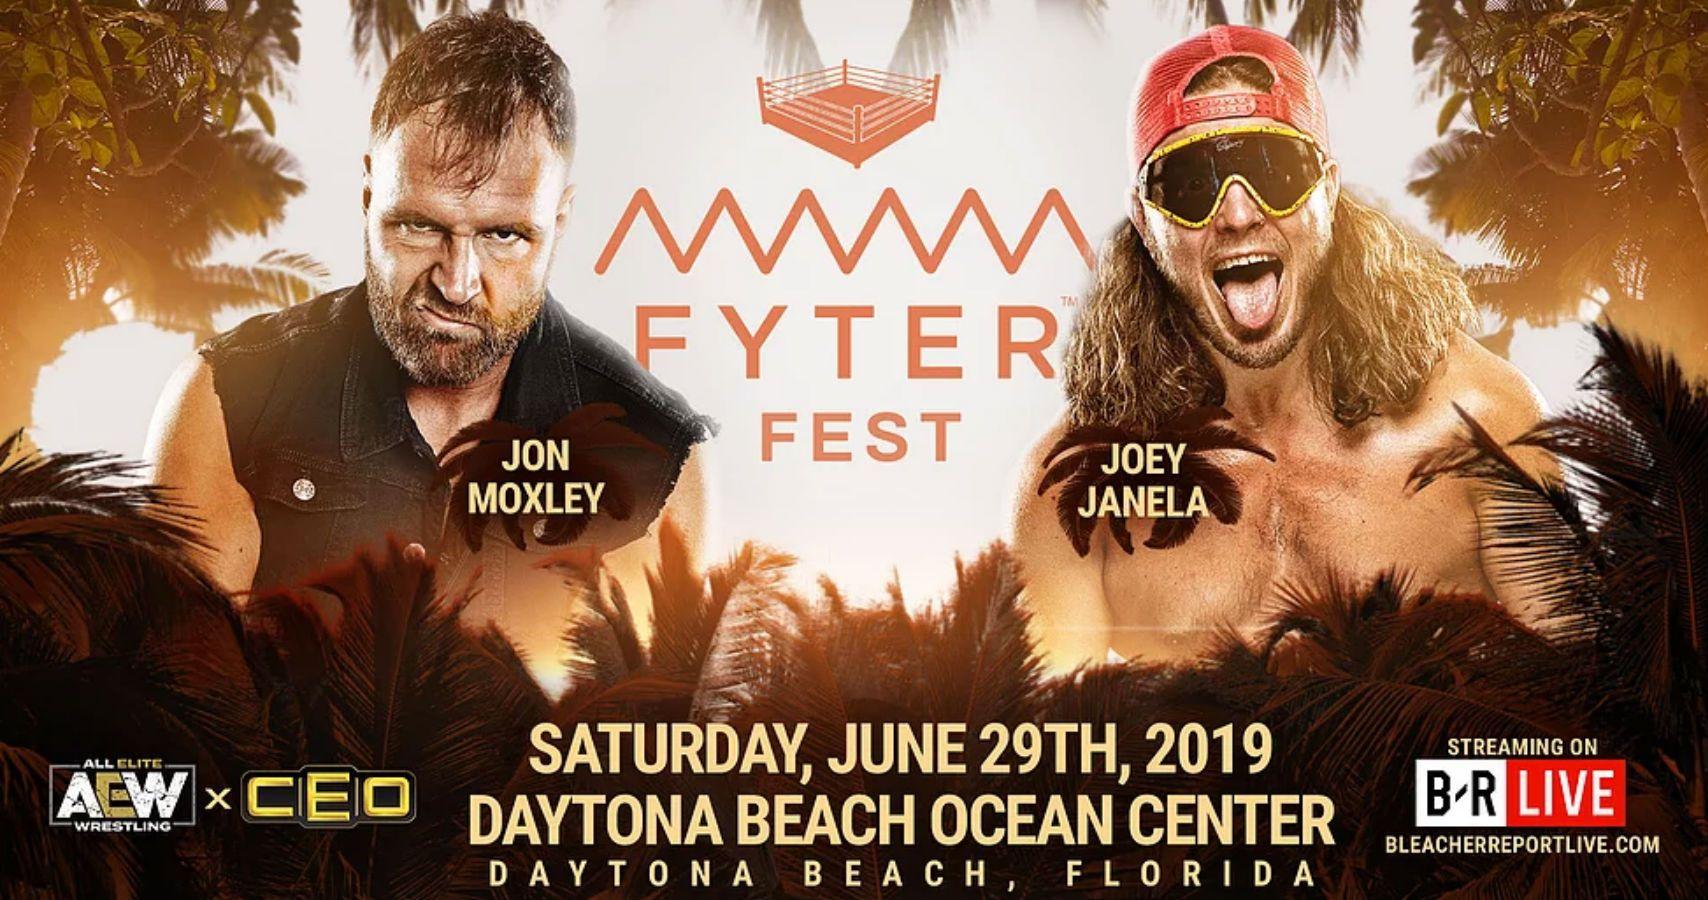 aew all elite wrestling fyter fest free b/r live bleacher report